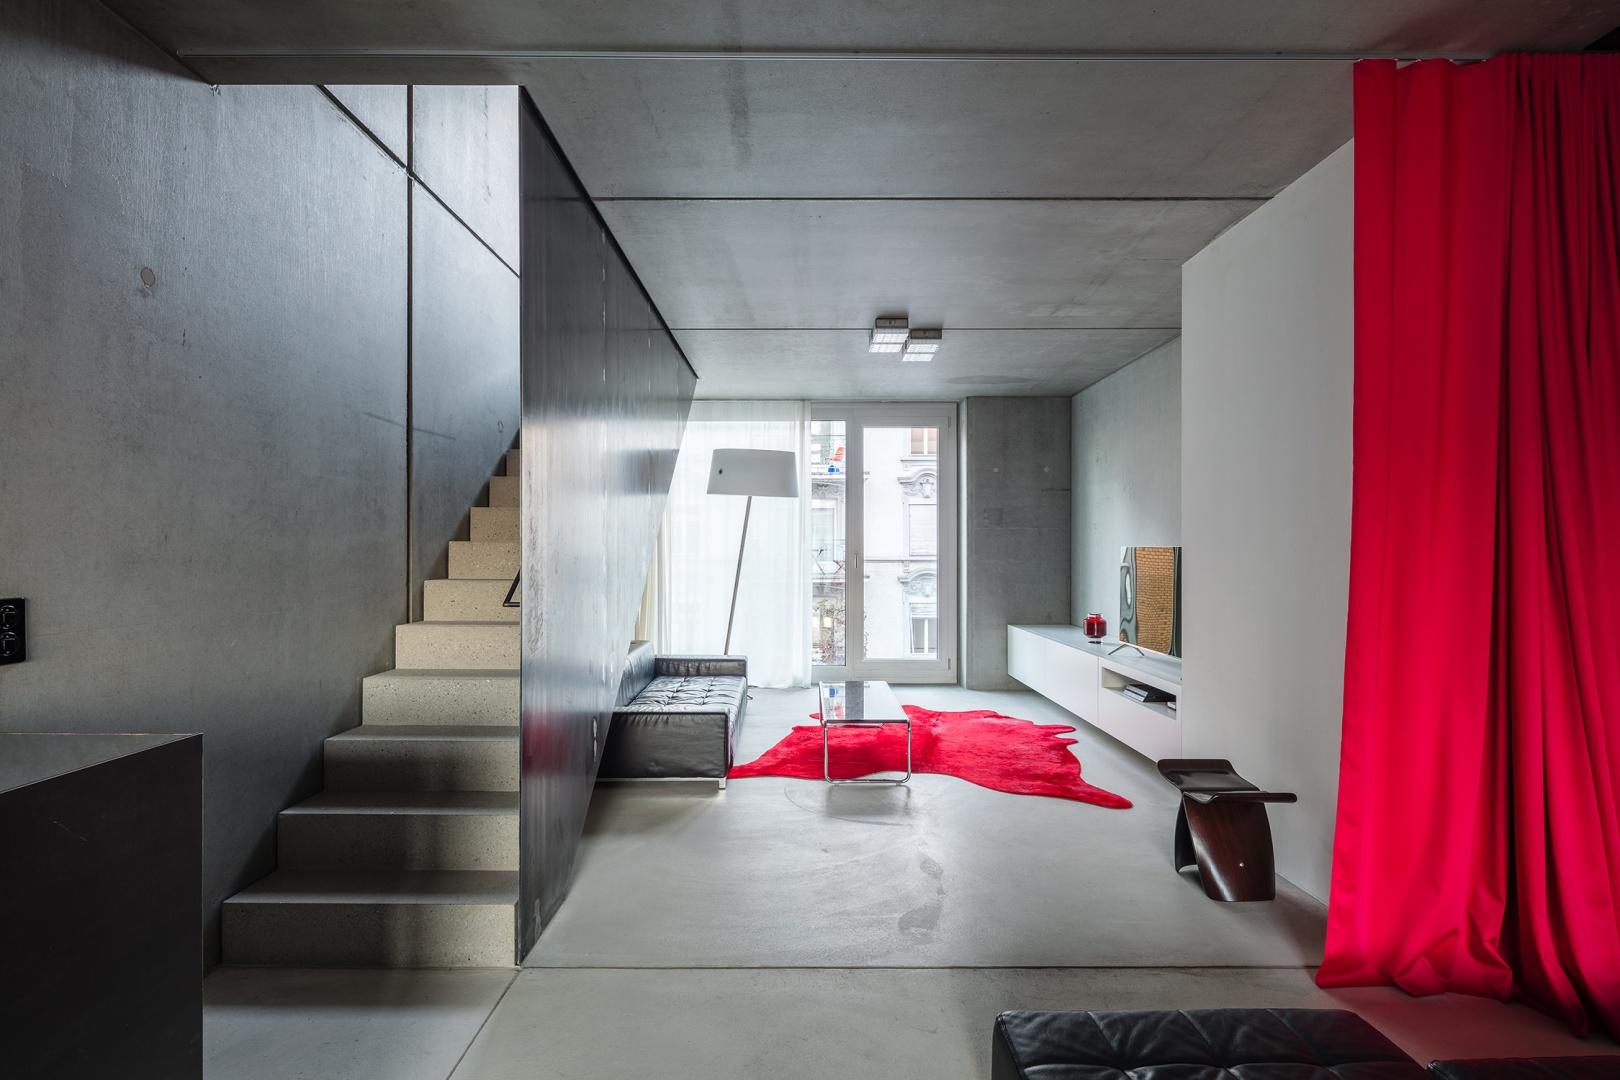 Wohnzimmer © Radek Brunecky